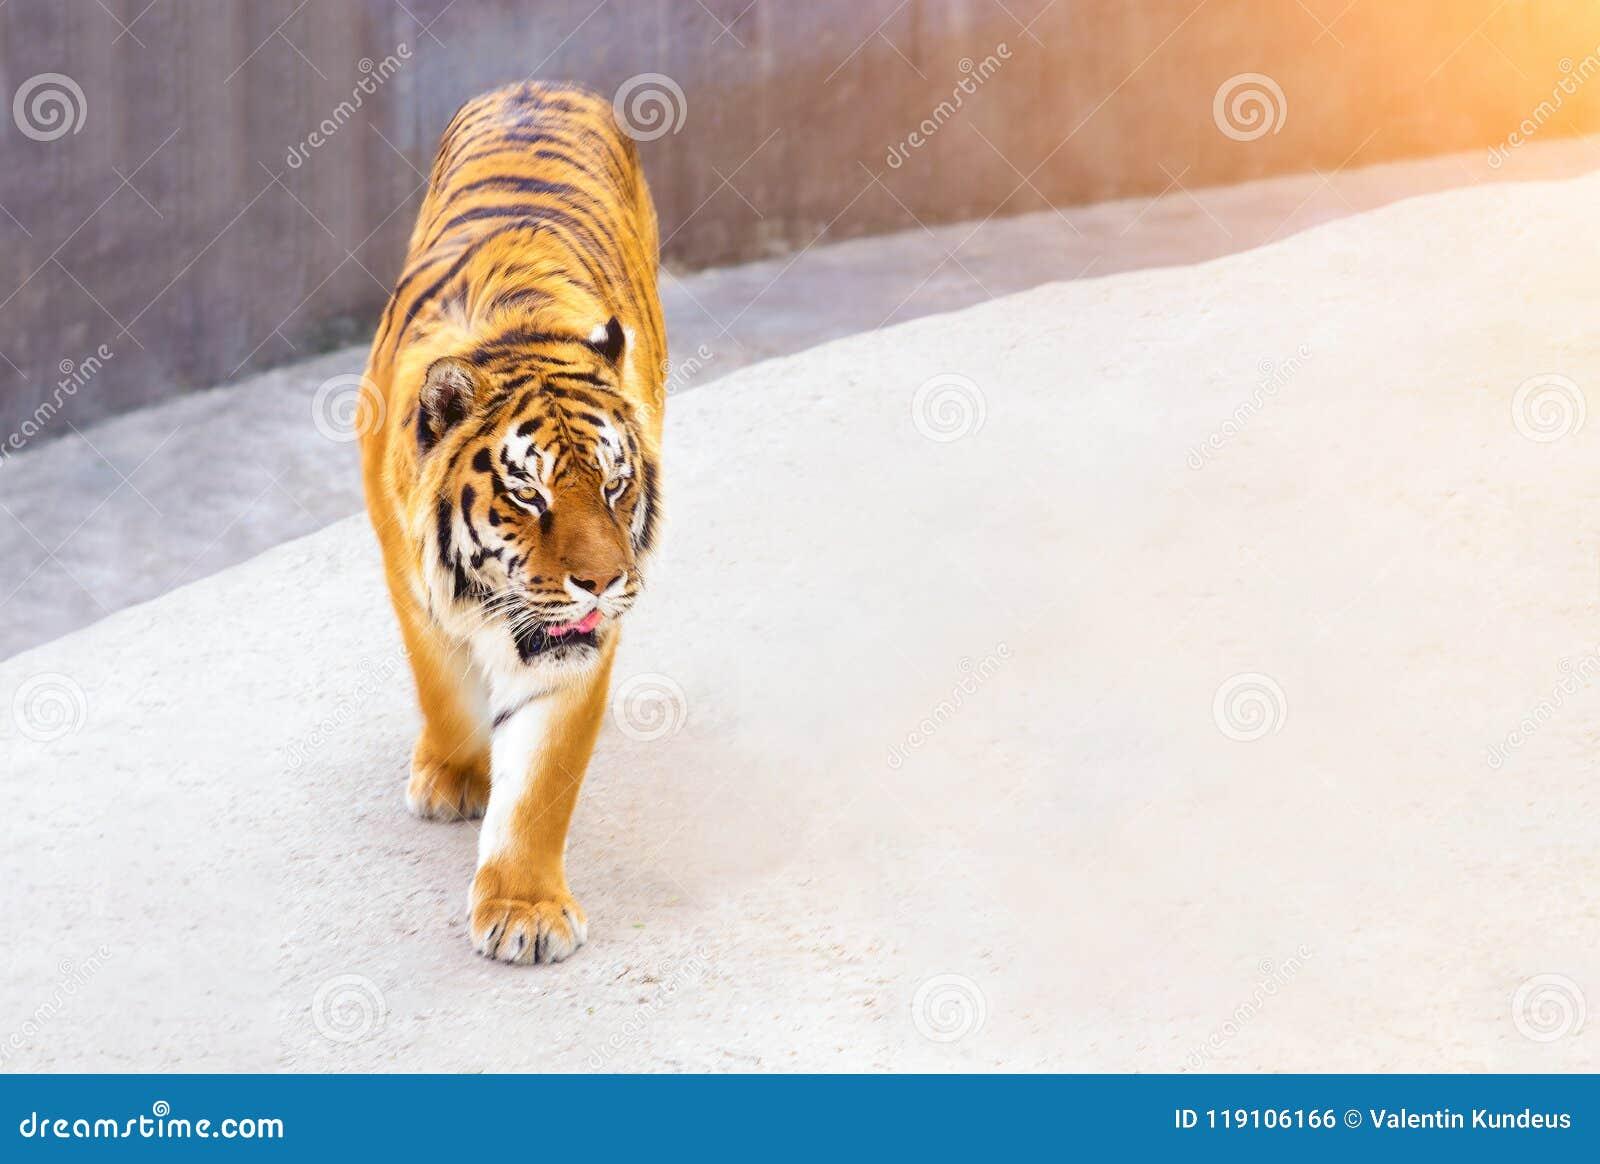 Großer Tigermann im Naturlebensraum Tigerweg während der goldenen hellen Zeit Szene der wild lebenden Tiere mit Gefahrentier